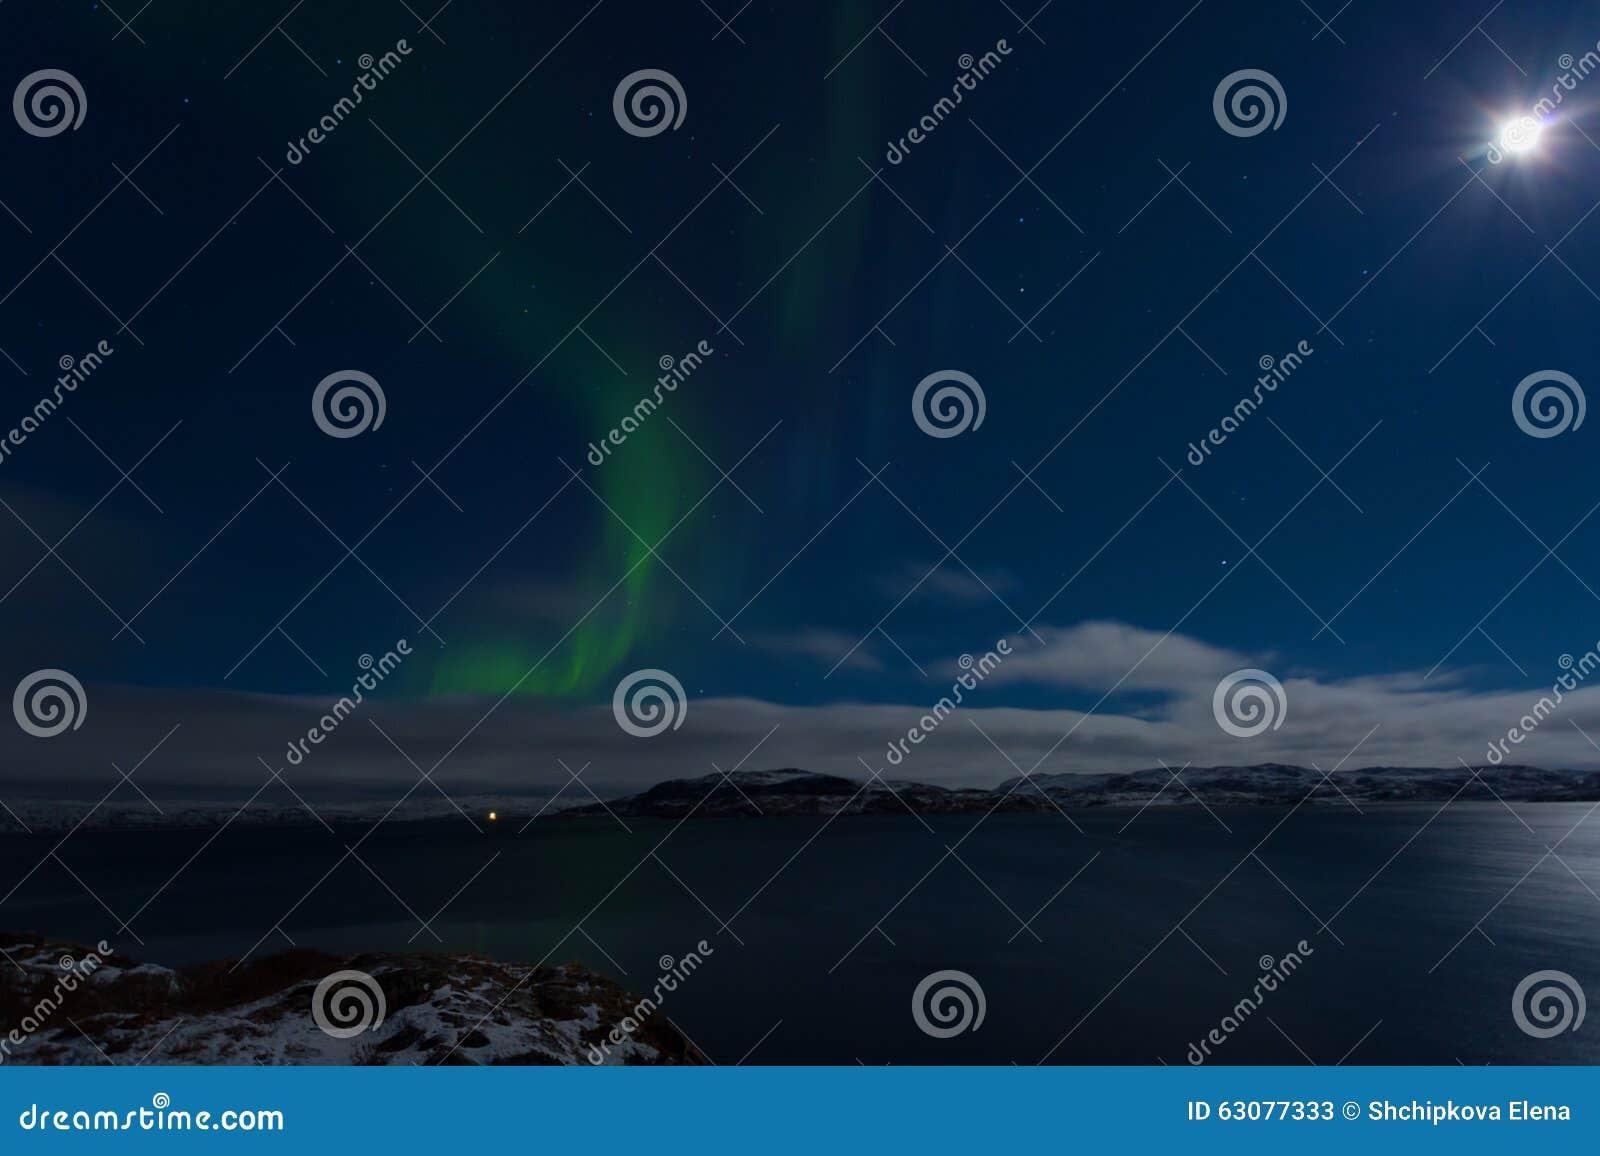 Download L'aurore Dans Le Ciel Dans Une Pleine Lune Image stock - Image du bleu, astronomie: 63077333